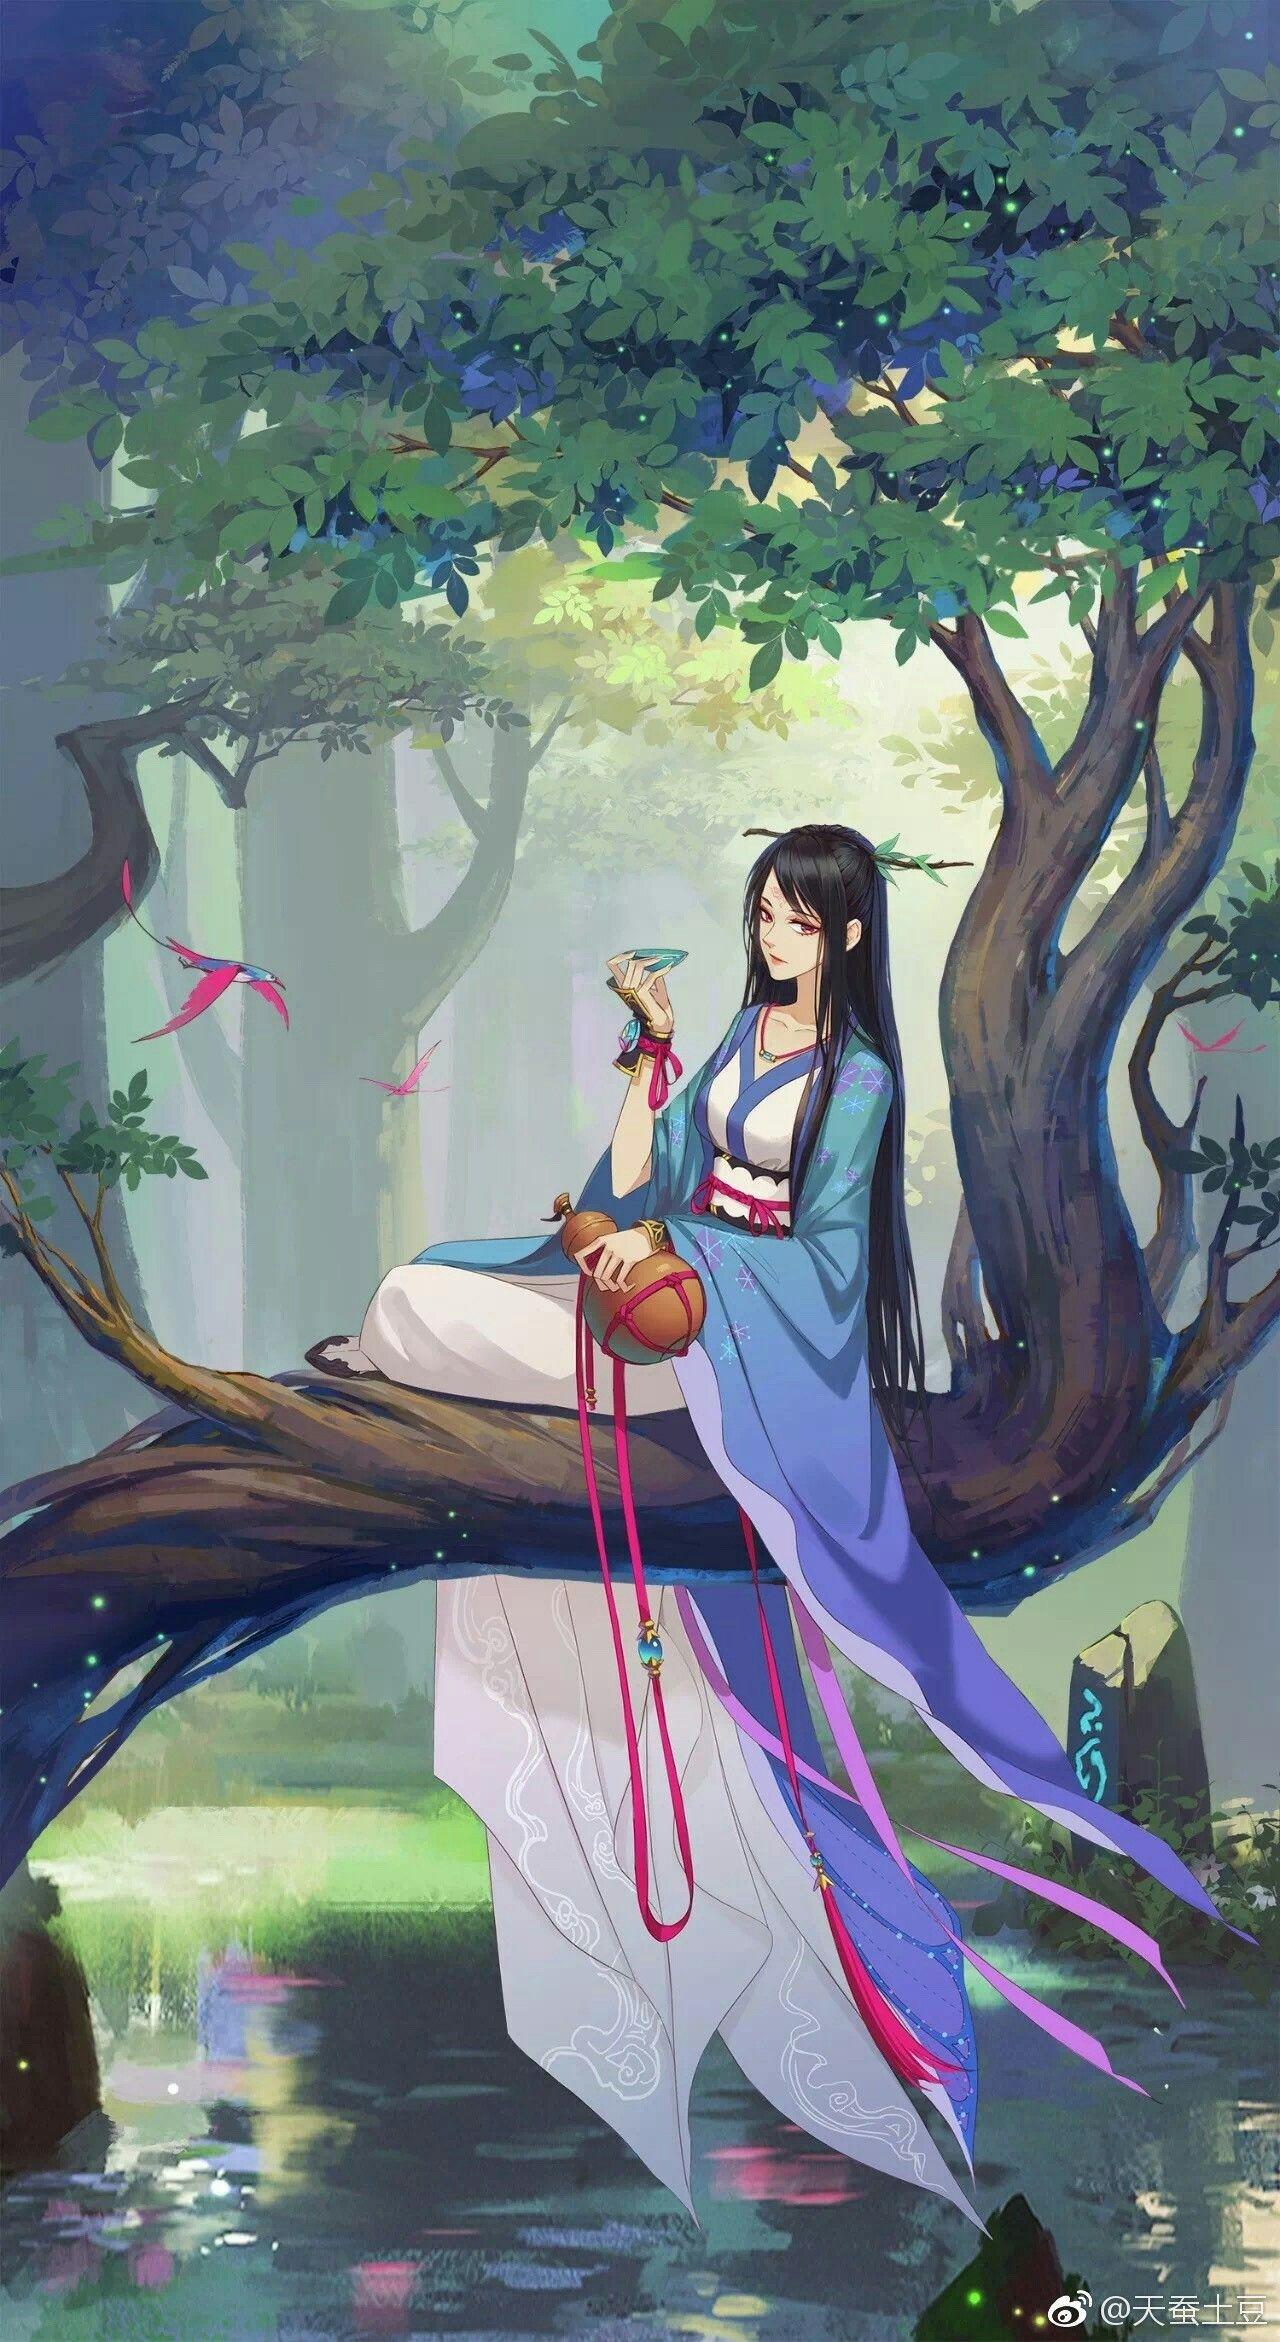 Ghim của Hạ Vũ trên • Cổ đại • Anime, Cosplay, Phim hoạt